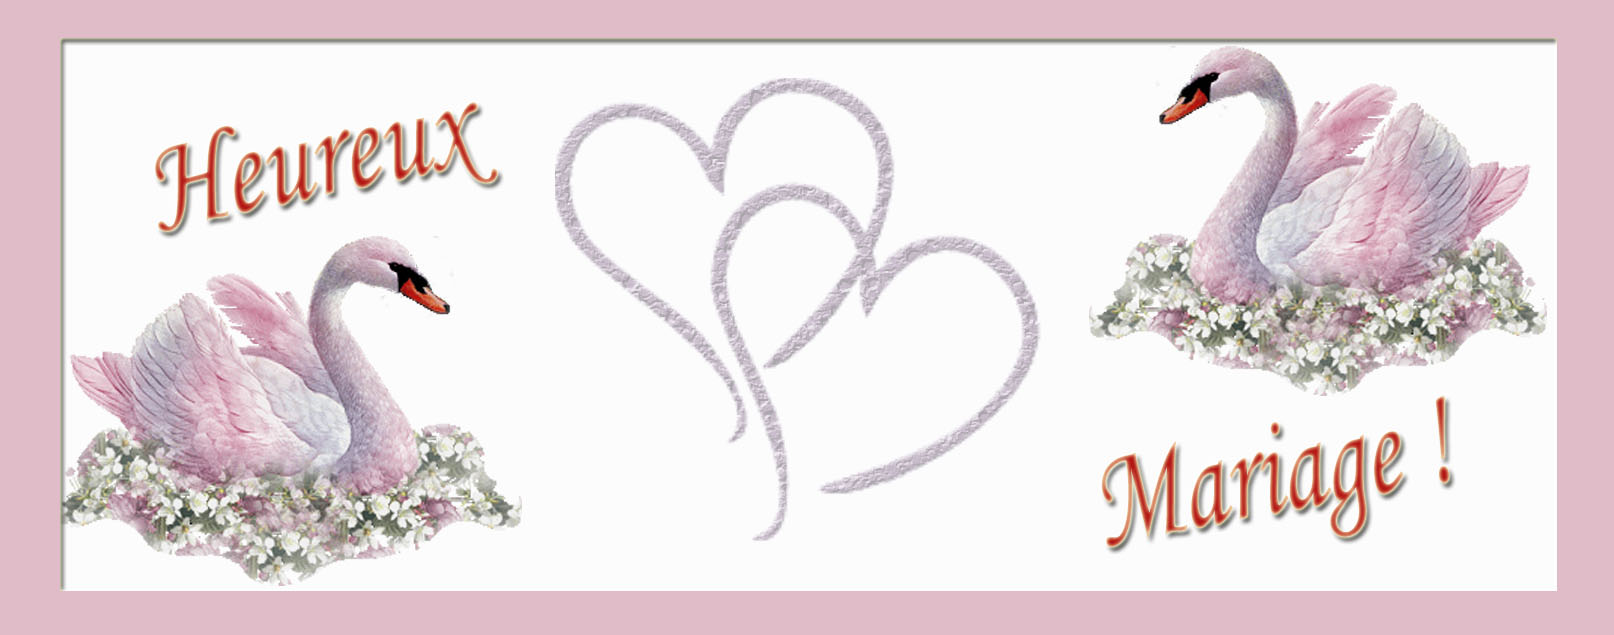 heureux-mariage-01-copie.jpg